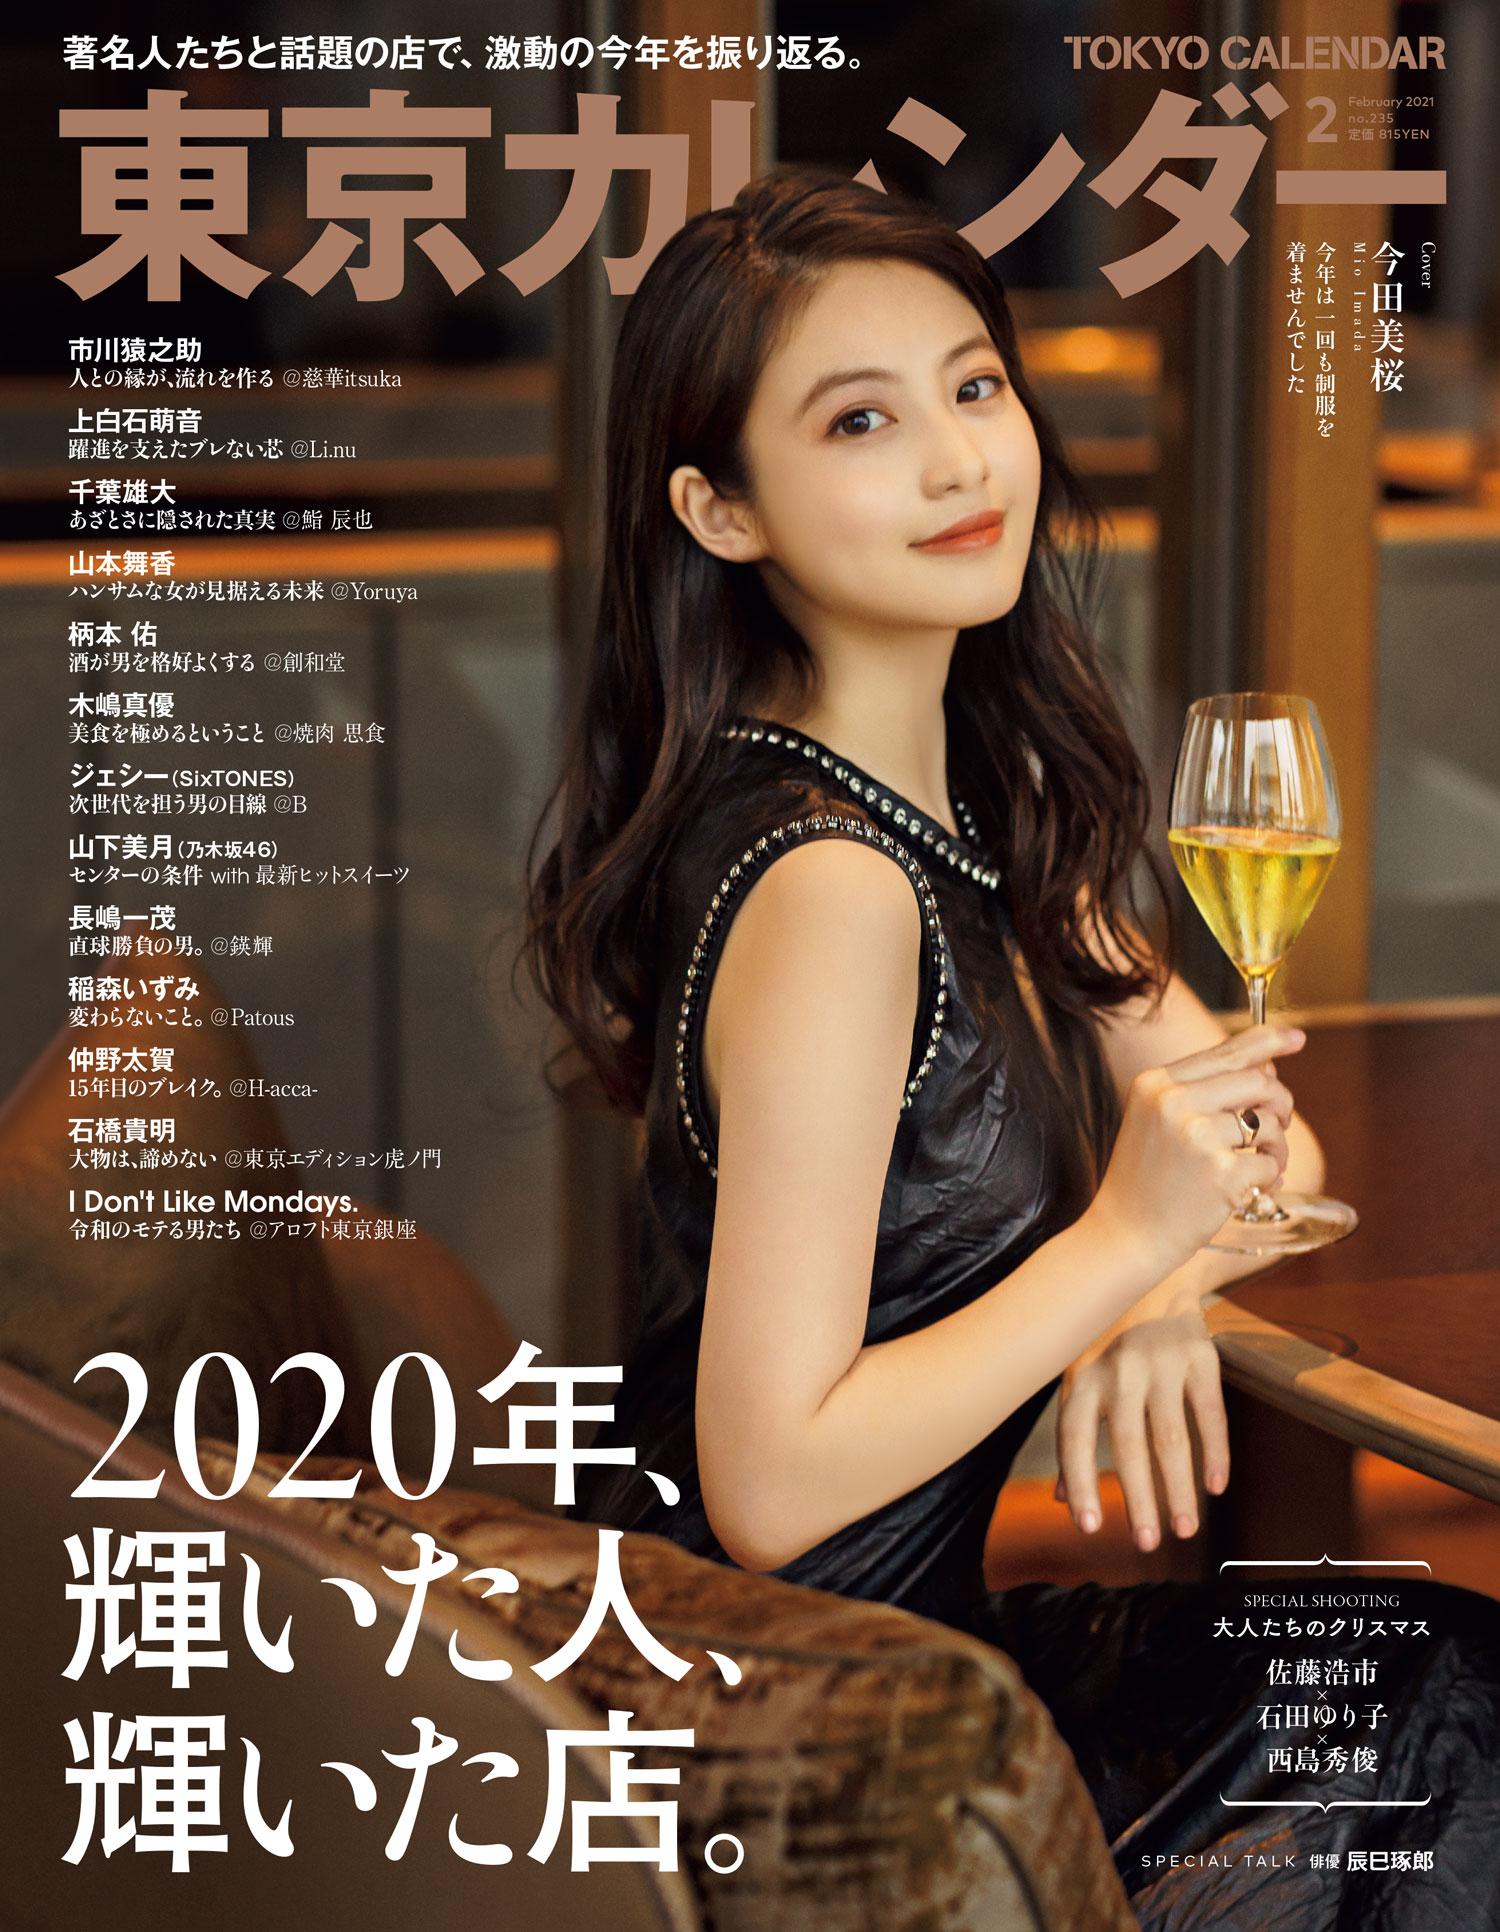 東京カレンダー2月号に【PID】商品が掲載されました